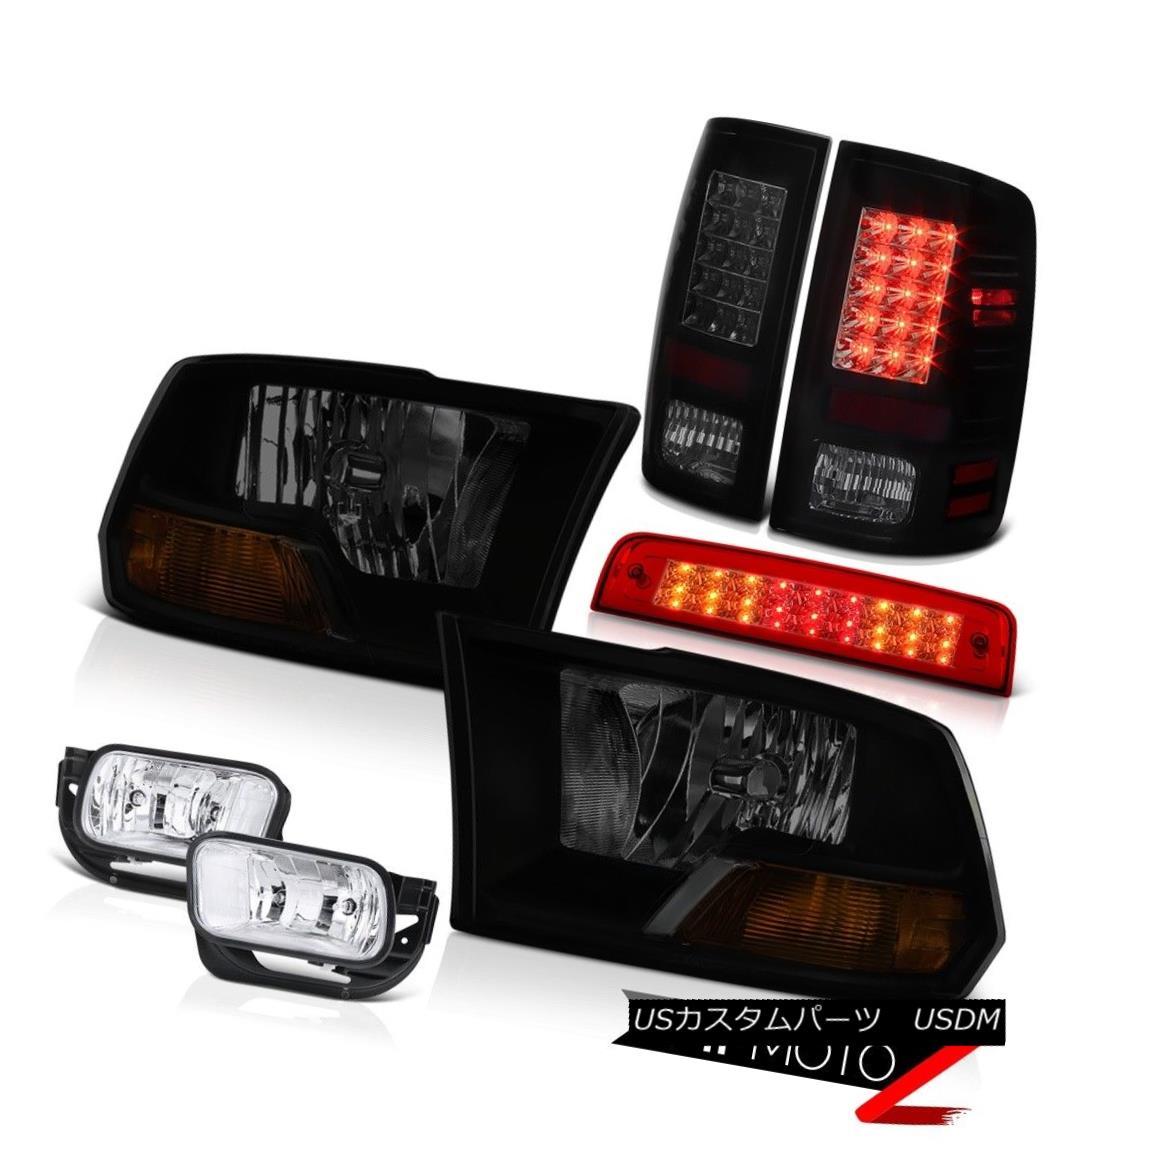 テールライト 09-18 Dodge Ram 2500 3500 6.7L Red Roof Cab Light Fog Lamps Taillamps Headlamps 09-18 Dodge Ram 2500 3500 6.7Lレッドルーフキャブライトフォグランプタイルランプヘッドランプ